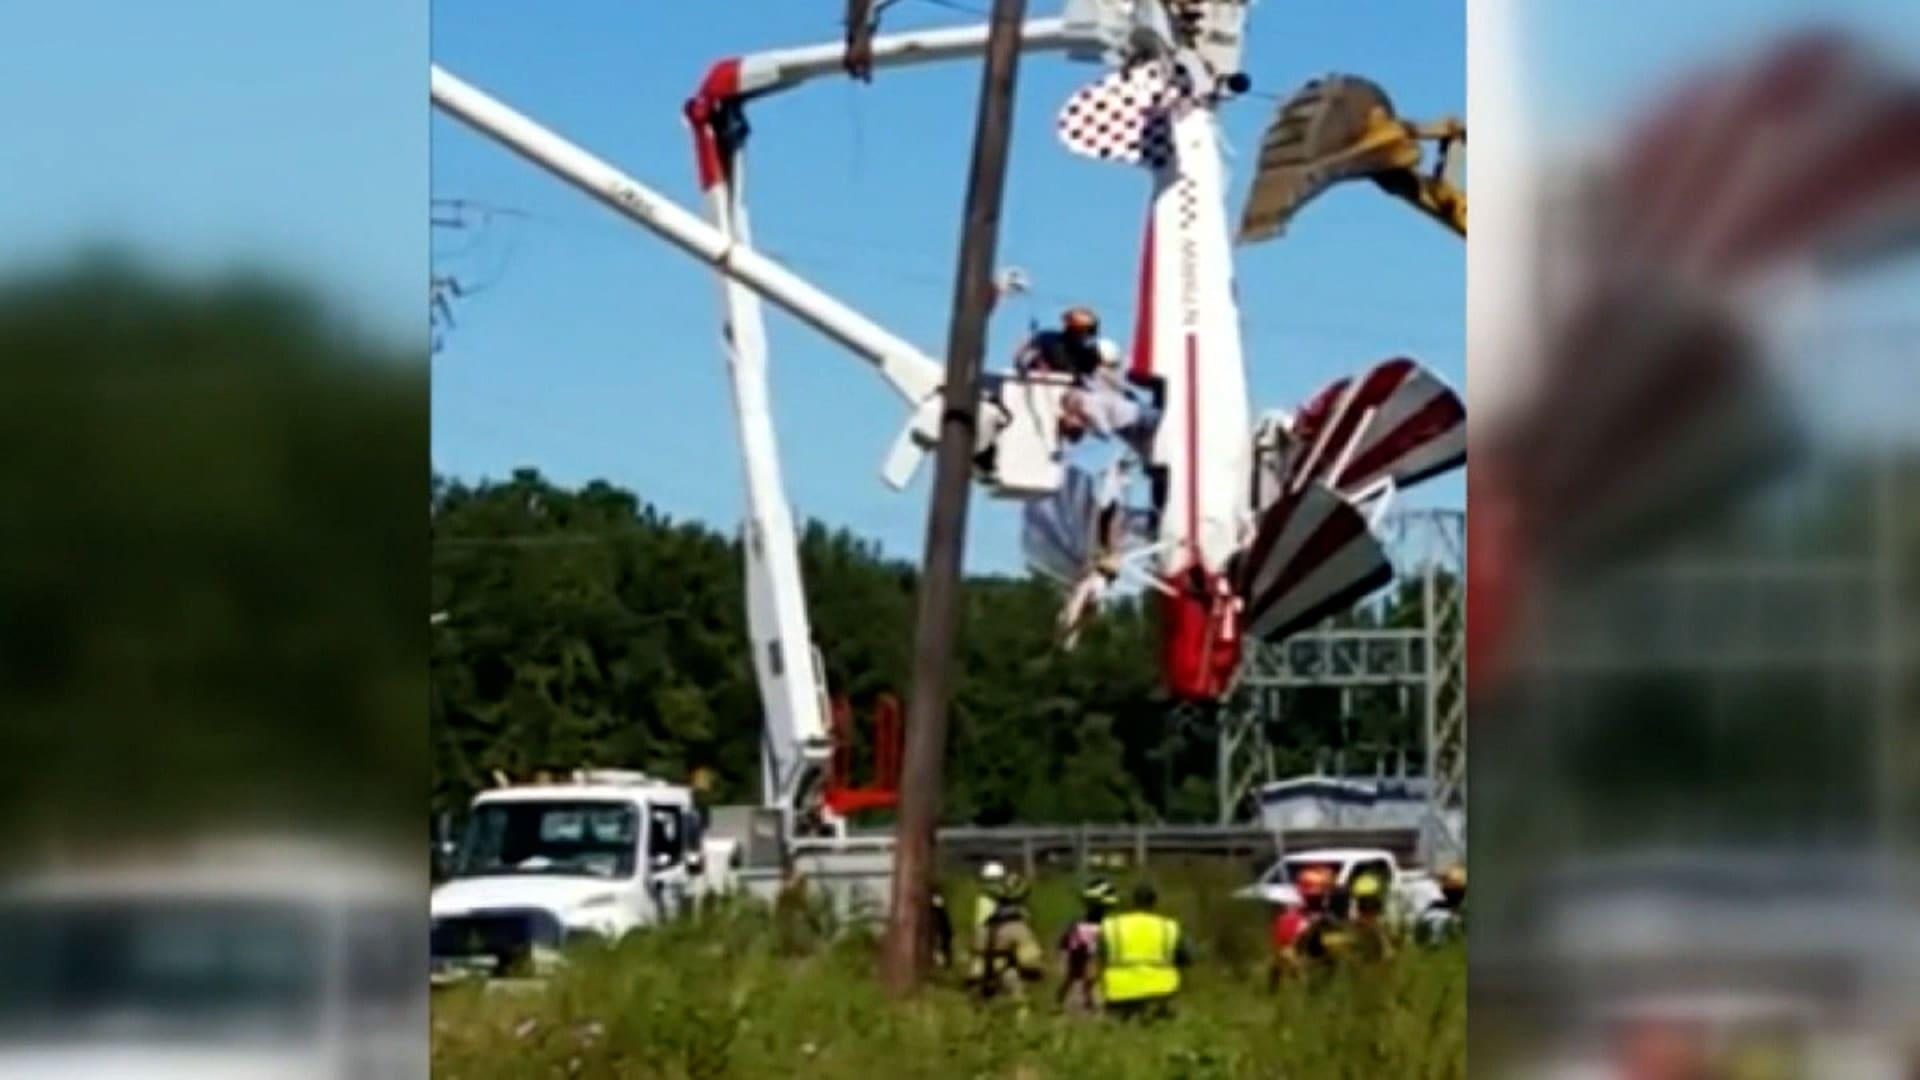 طيار يتدلى بطائرته من أسلاك طاقة بعد تعرضه لحادث.. شاهد عملية إنقاذه